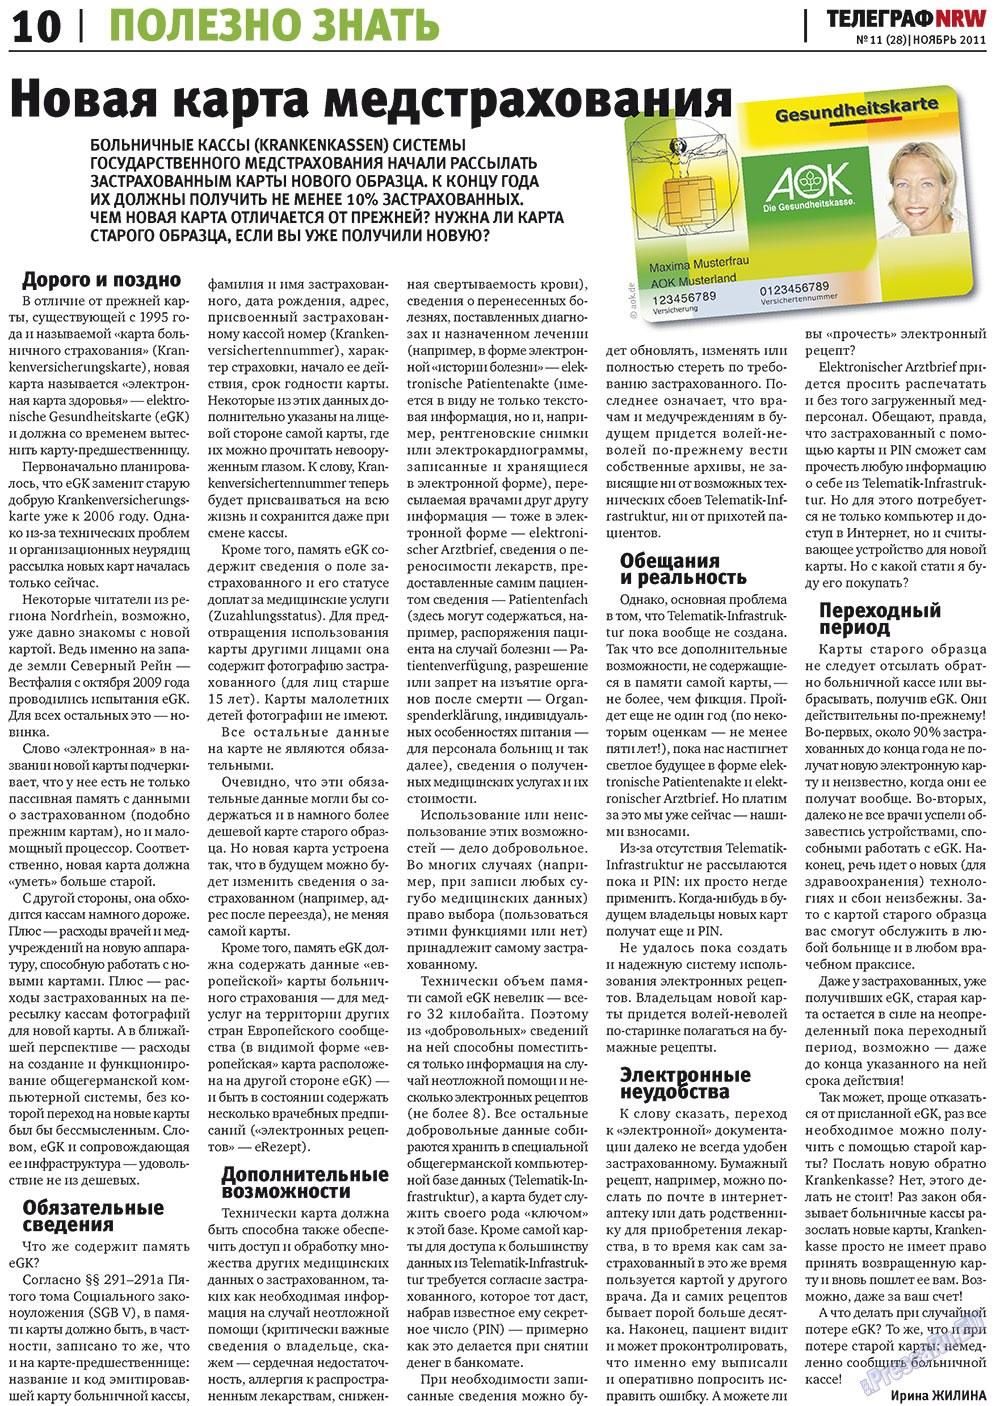 Телеграф NRW (газета). 2011 год, номер 11, стр. 10